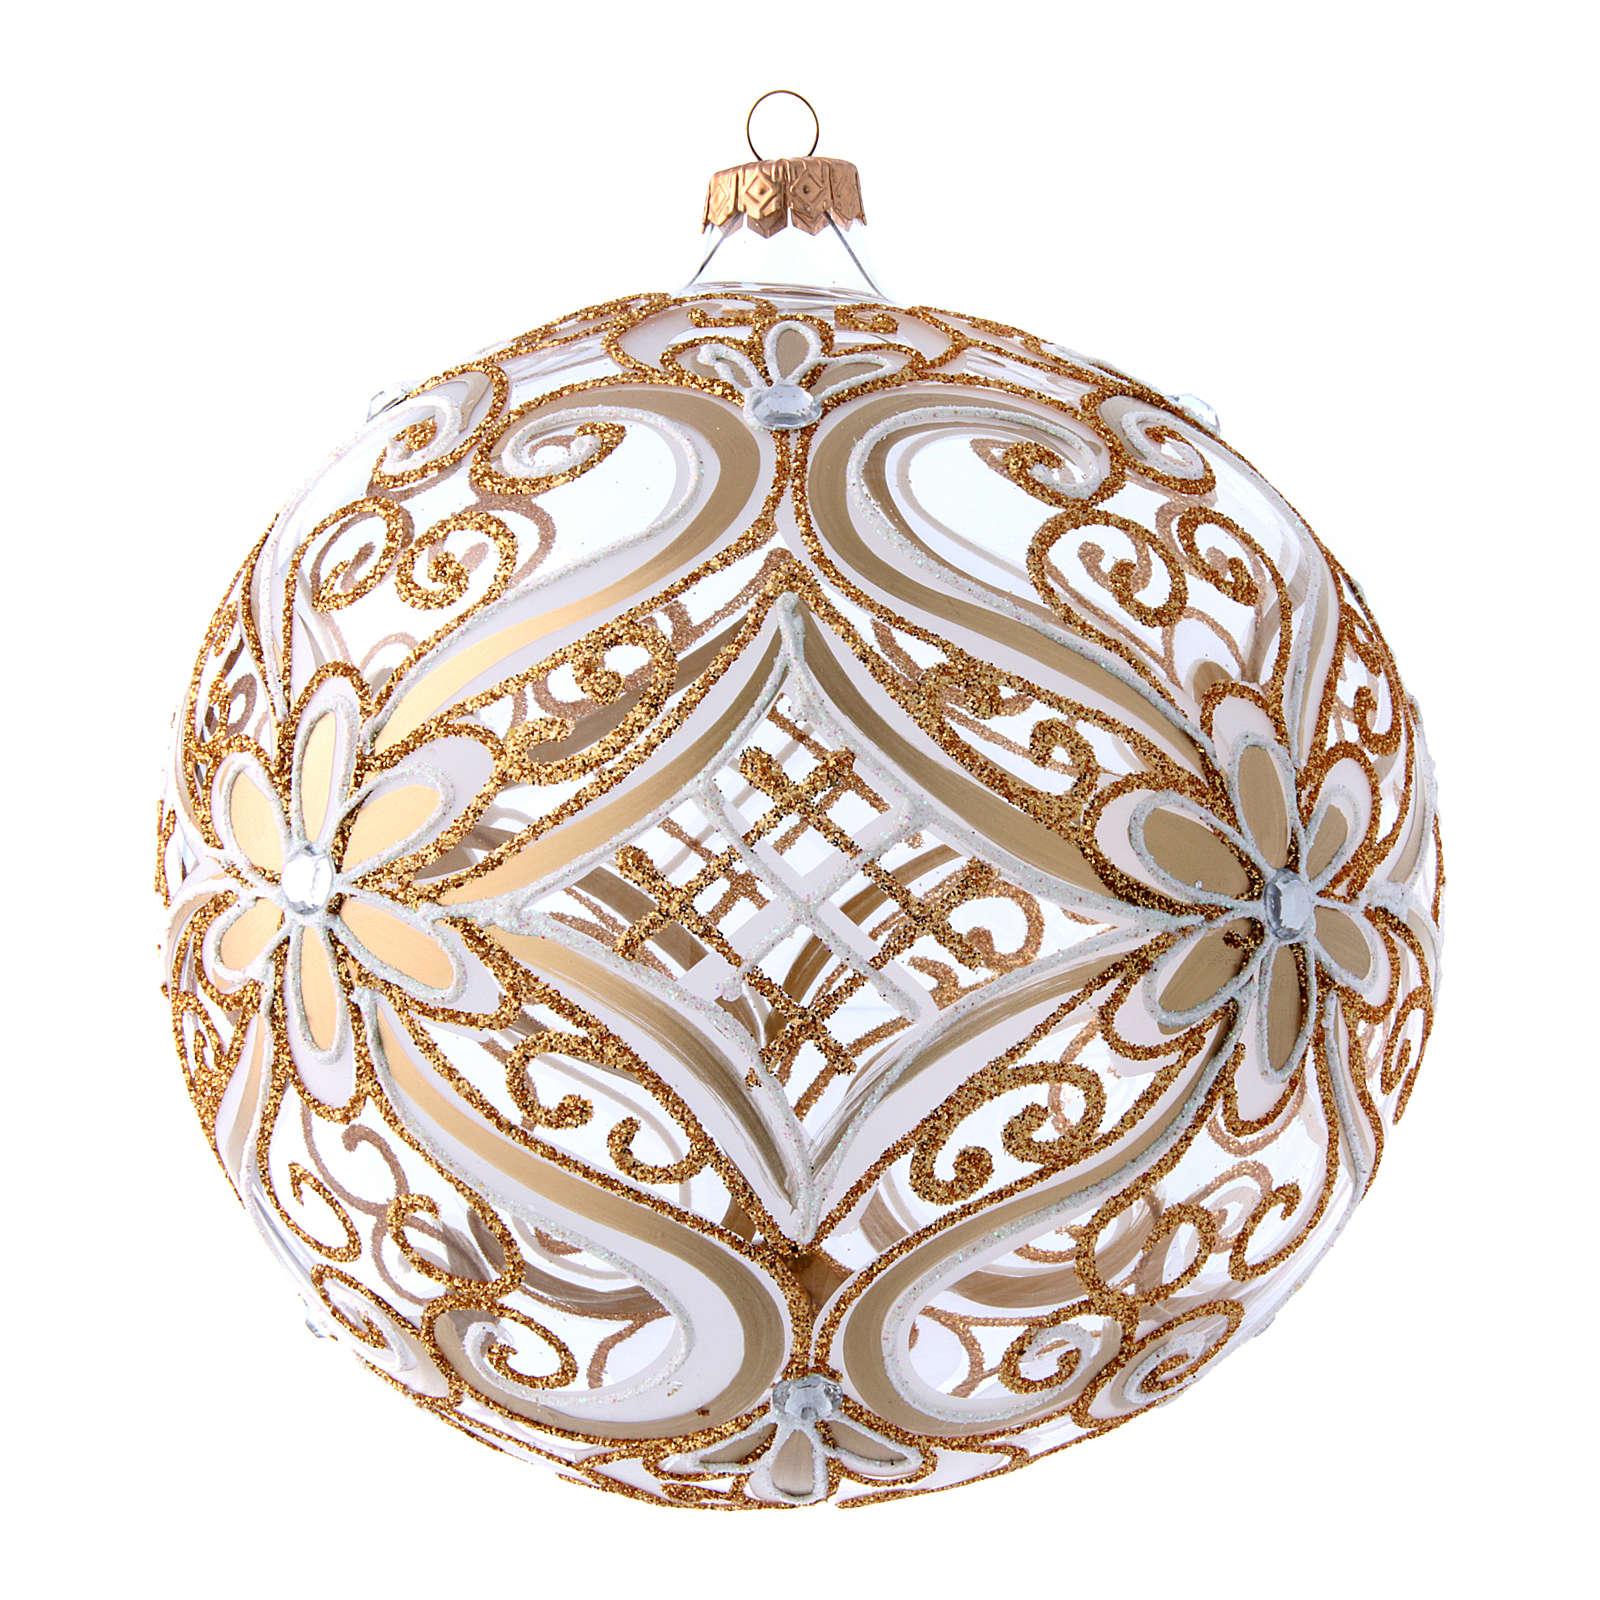 Weihnachtsbaumkugel aus transparentem Glas mit weißen und goldenen Verzierungen 200 mm 4